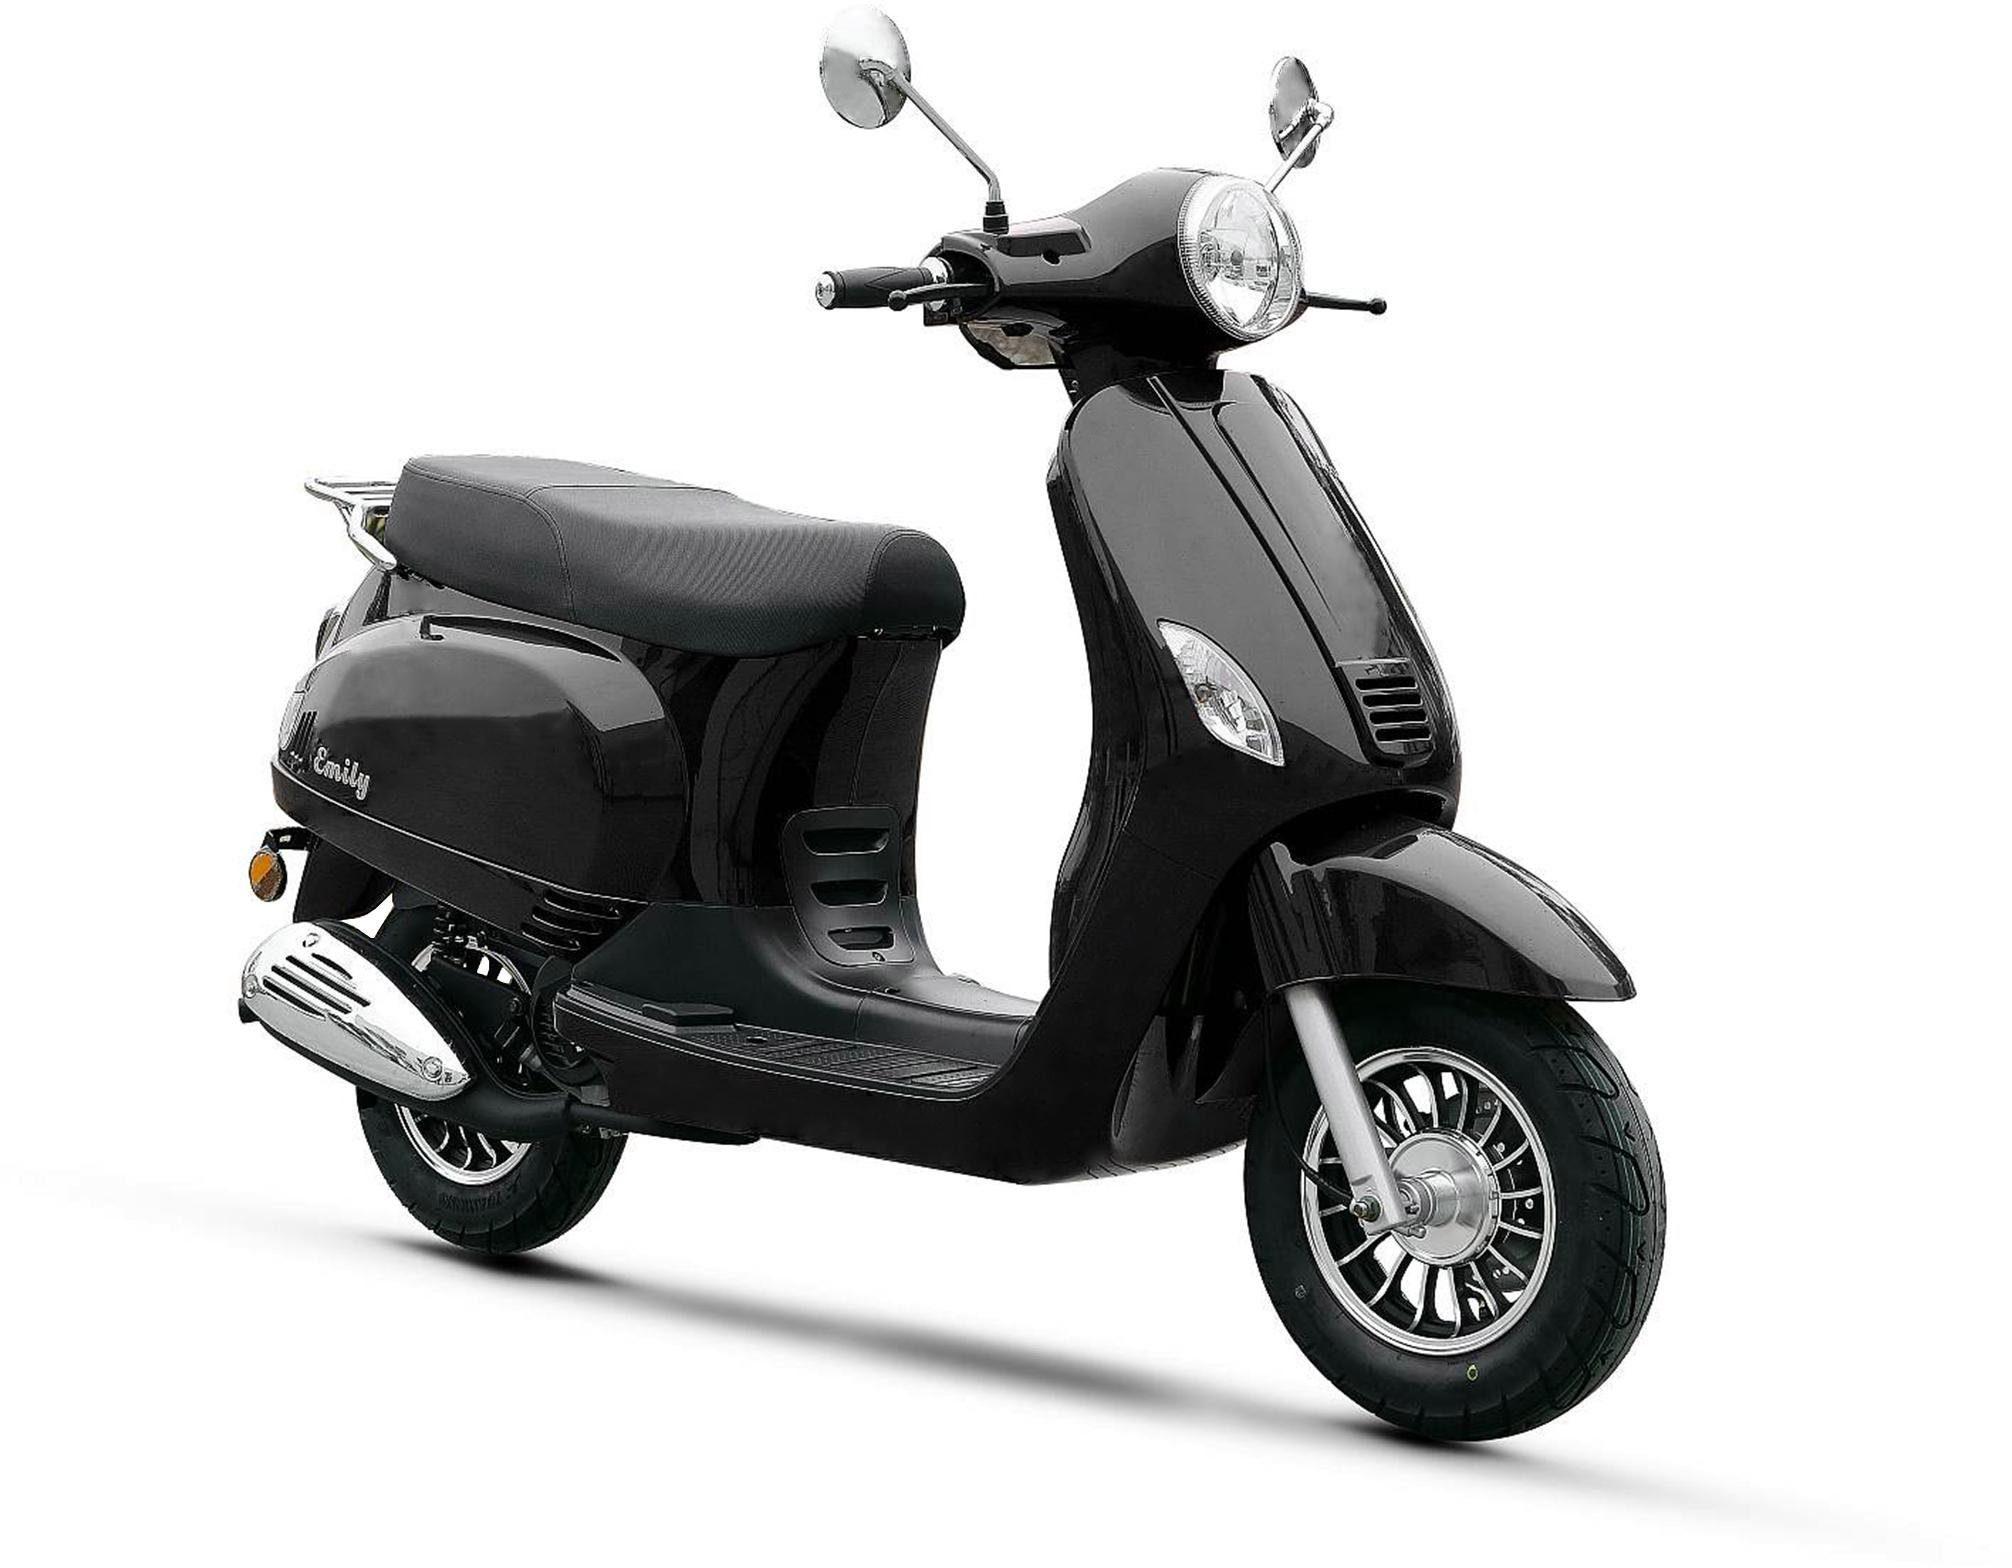 Luxxon Motorrad »Emily«, 125 ccm, 85 km/h, Euro 4